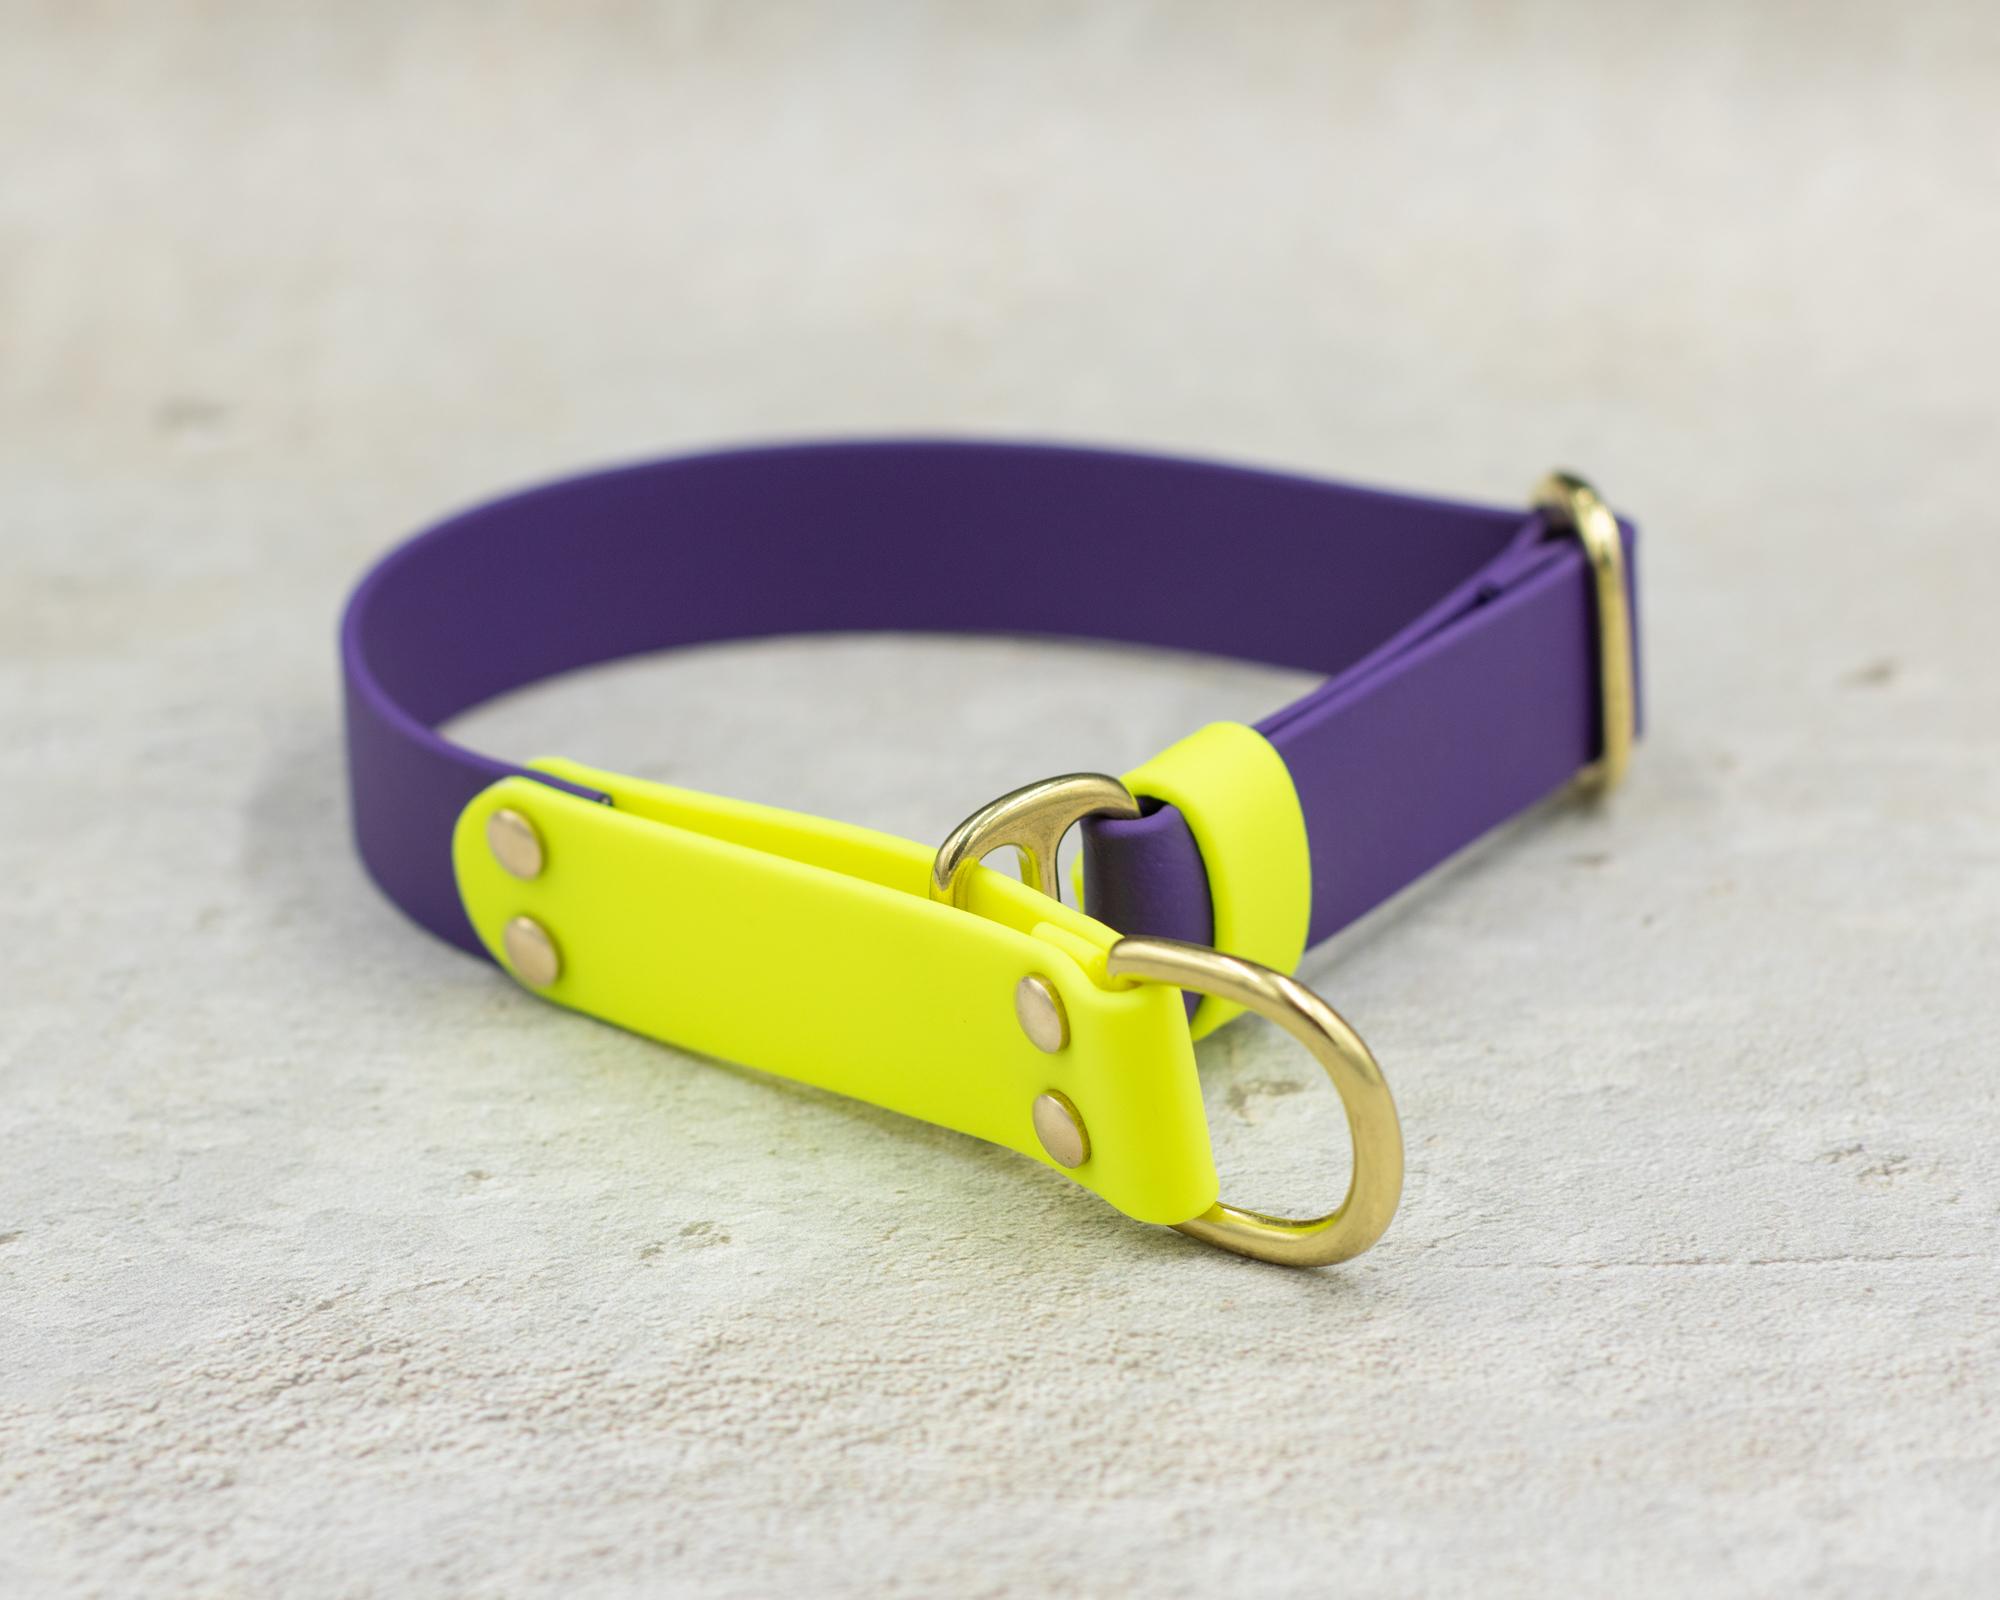 Ошейник из стандартного биотана. Фиолетовый & Неоновый желтый